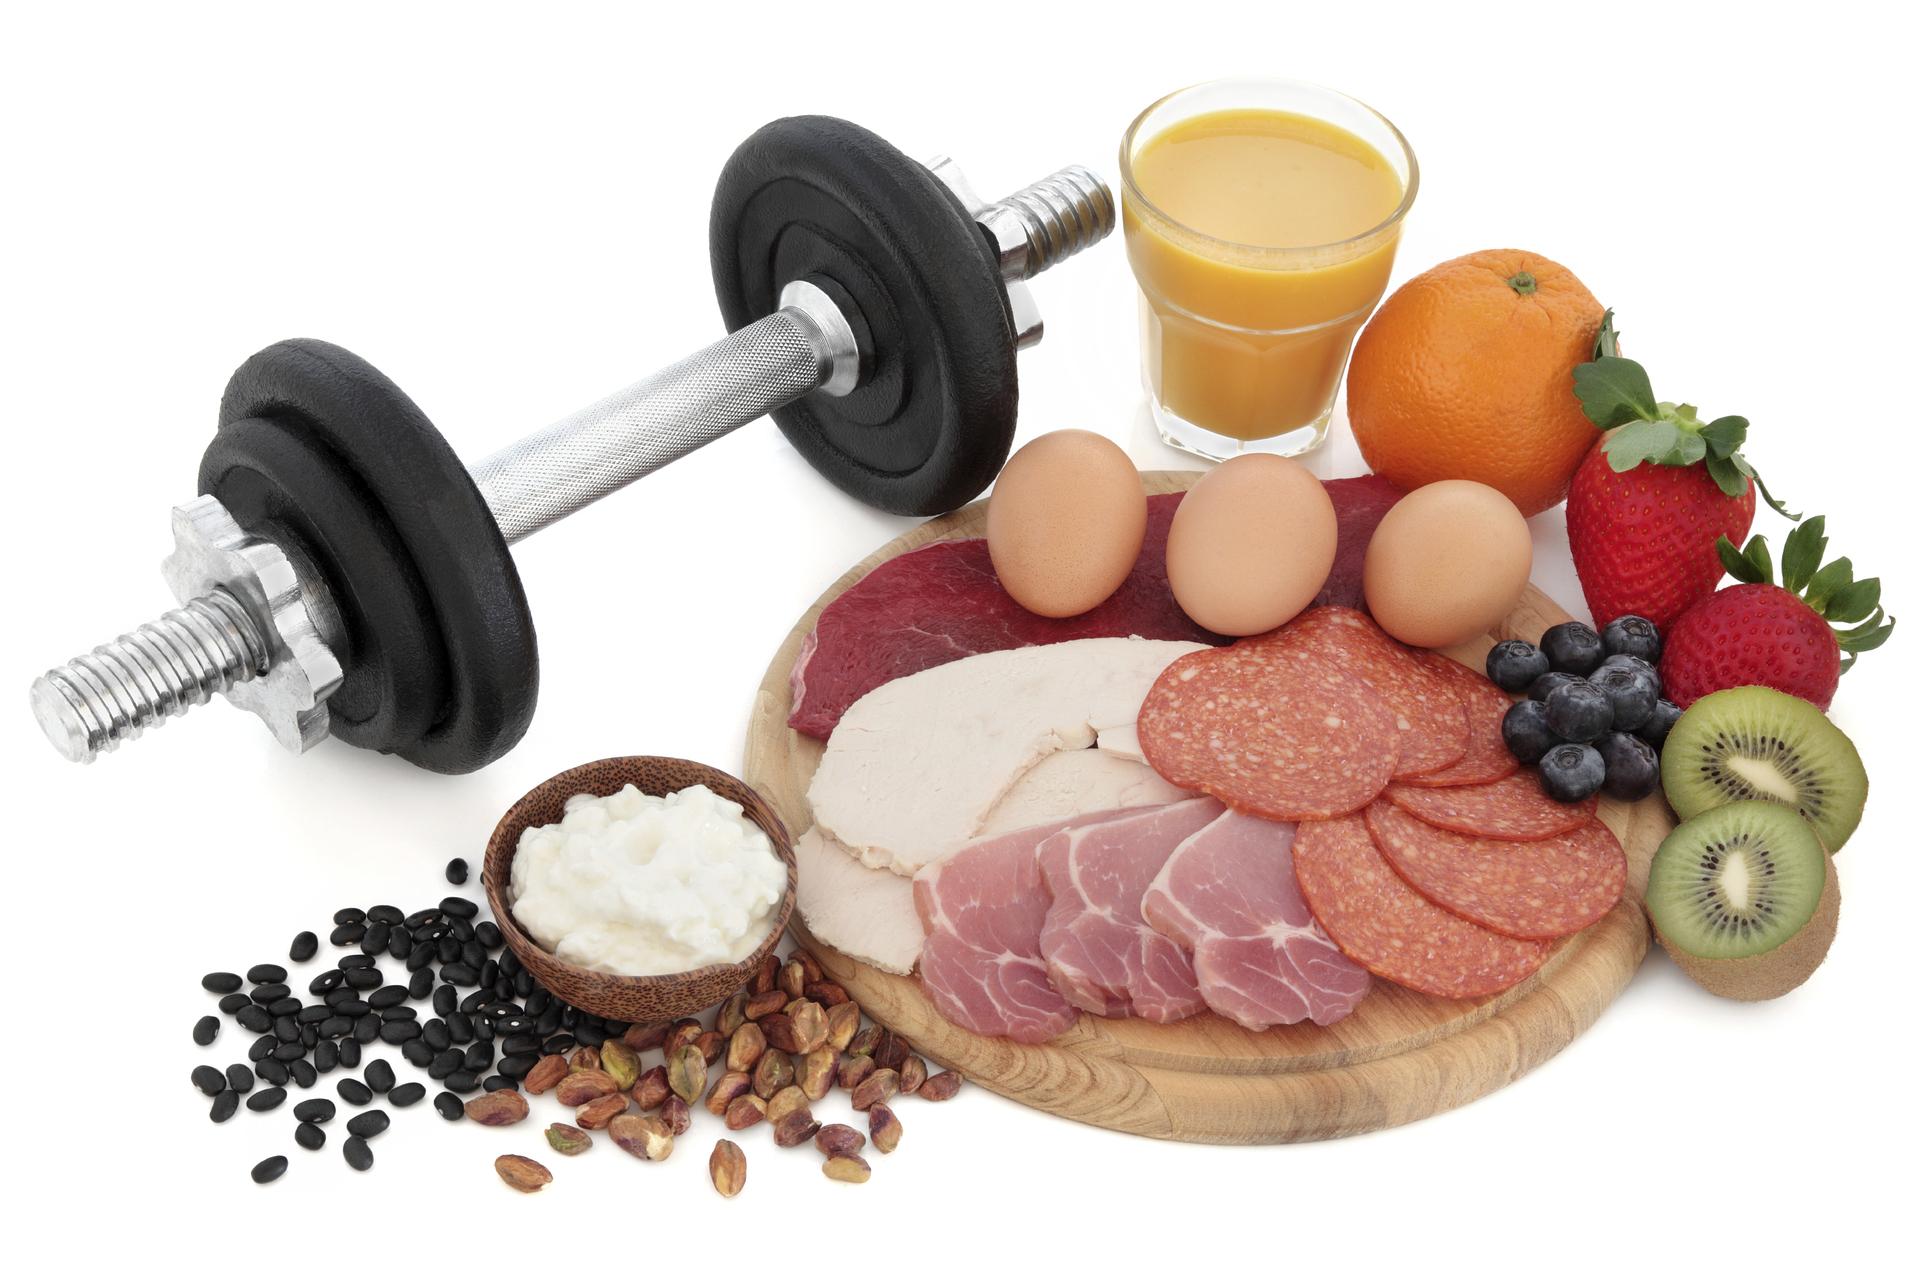 Resultado de imagem para atividade física e alimentação adequada